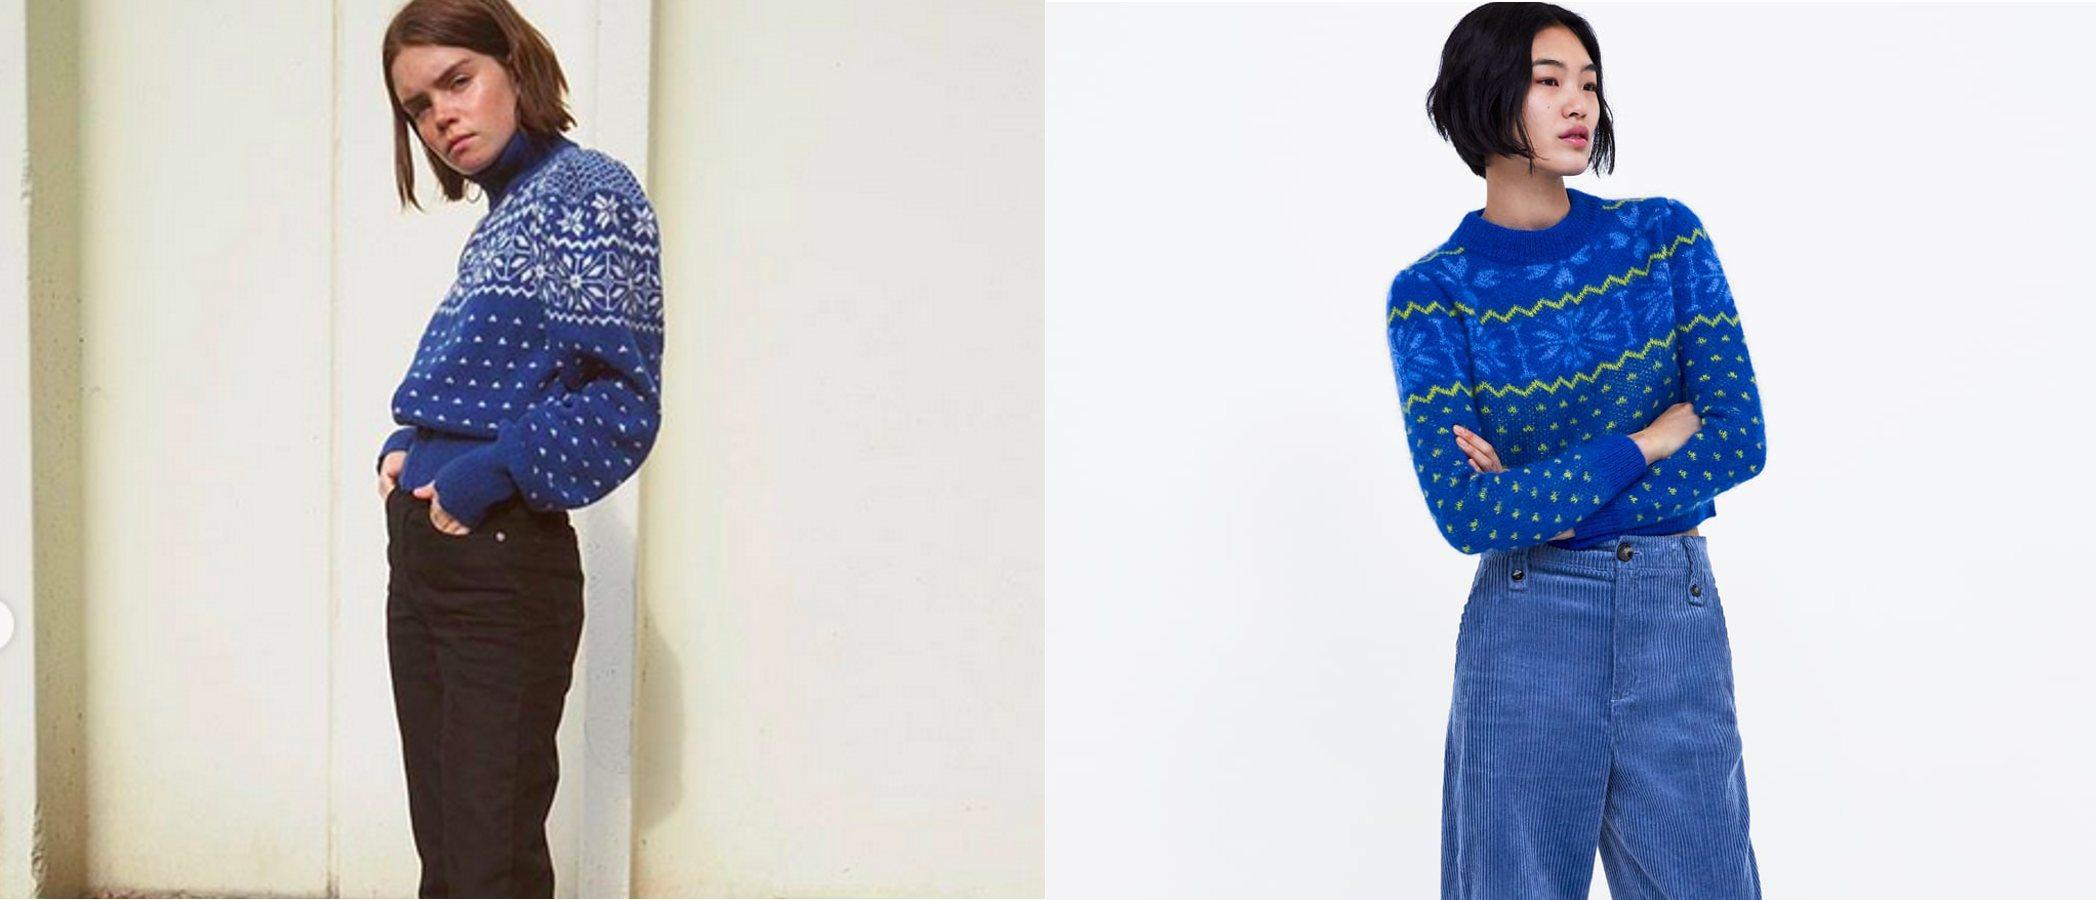 Zara plagia el mítico jersey de Tory Burch que enamoró a las it-girls